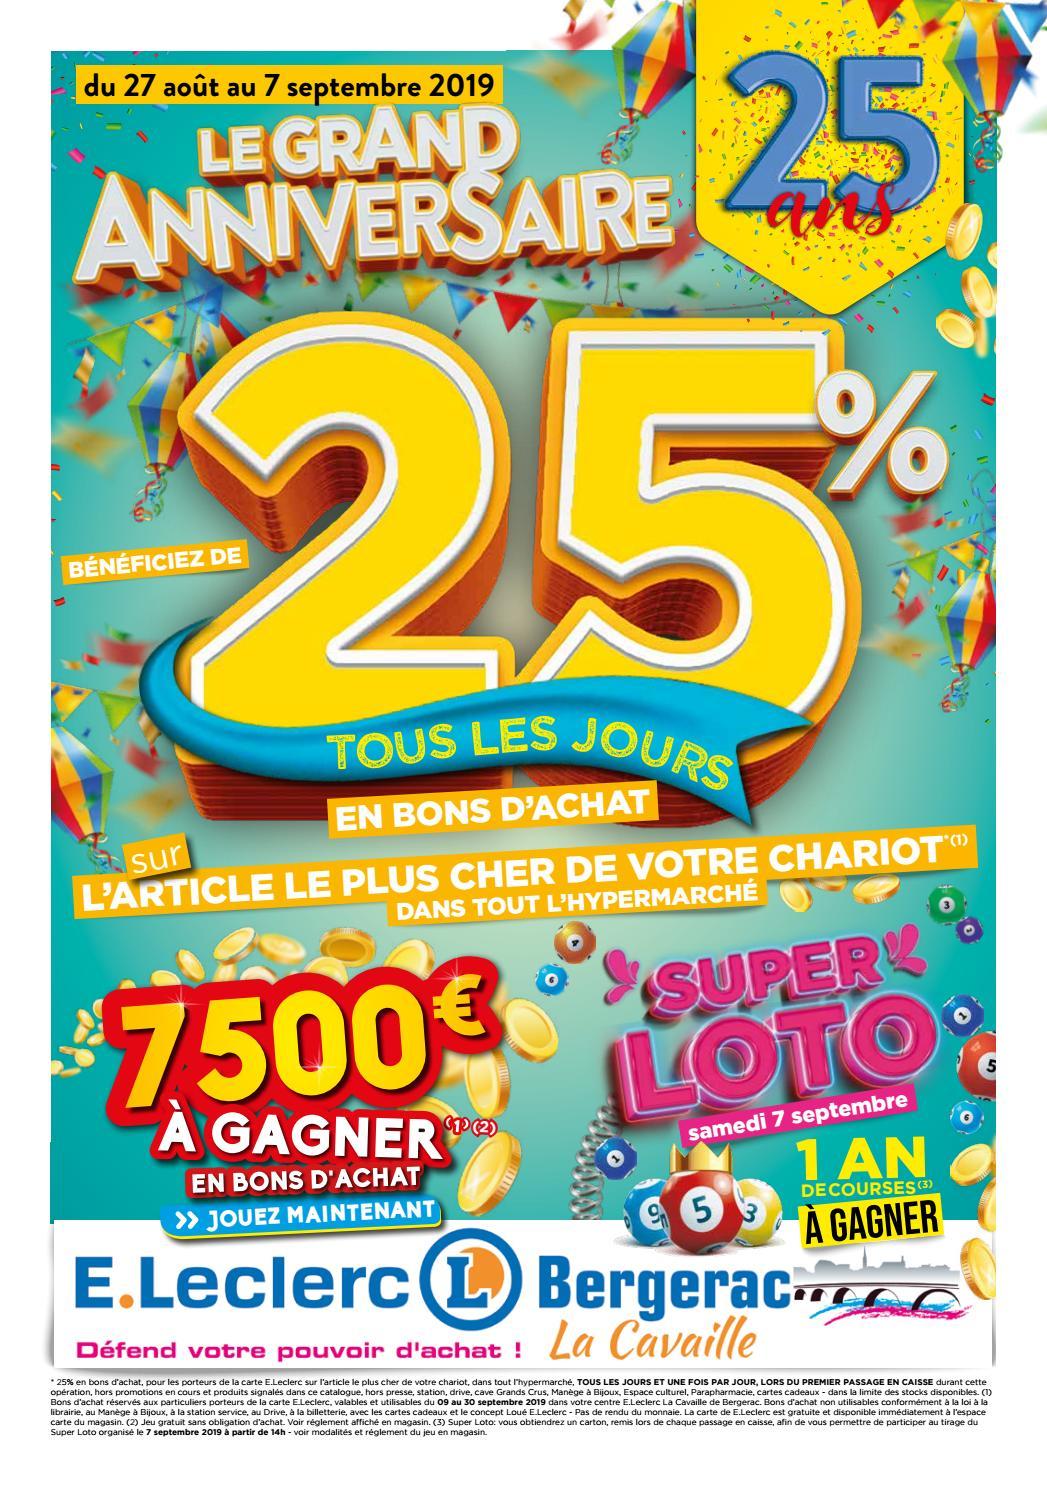 Centre E.leclerc De Bergerac - Anniversaire 25 Ans By ... concernant Table De Jardin Magasin Leclerc